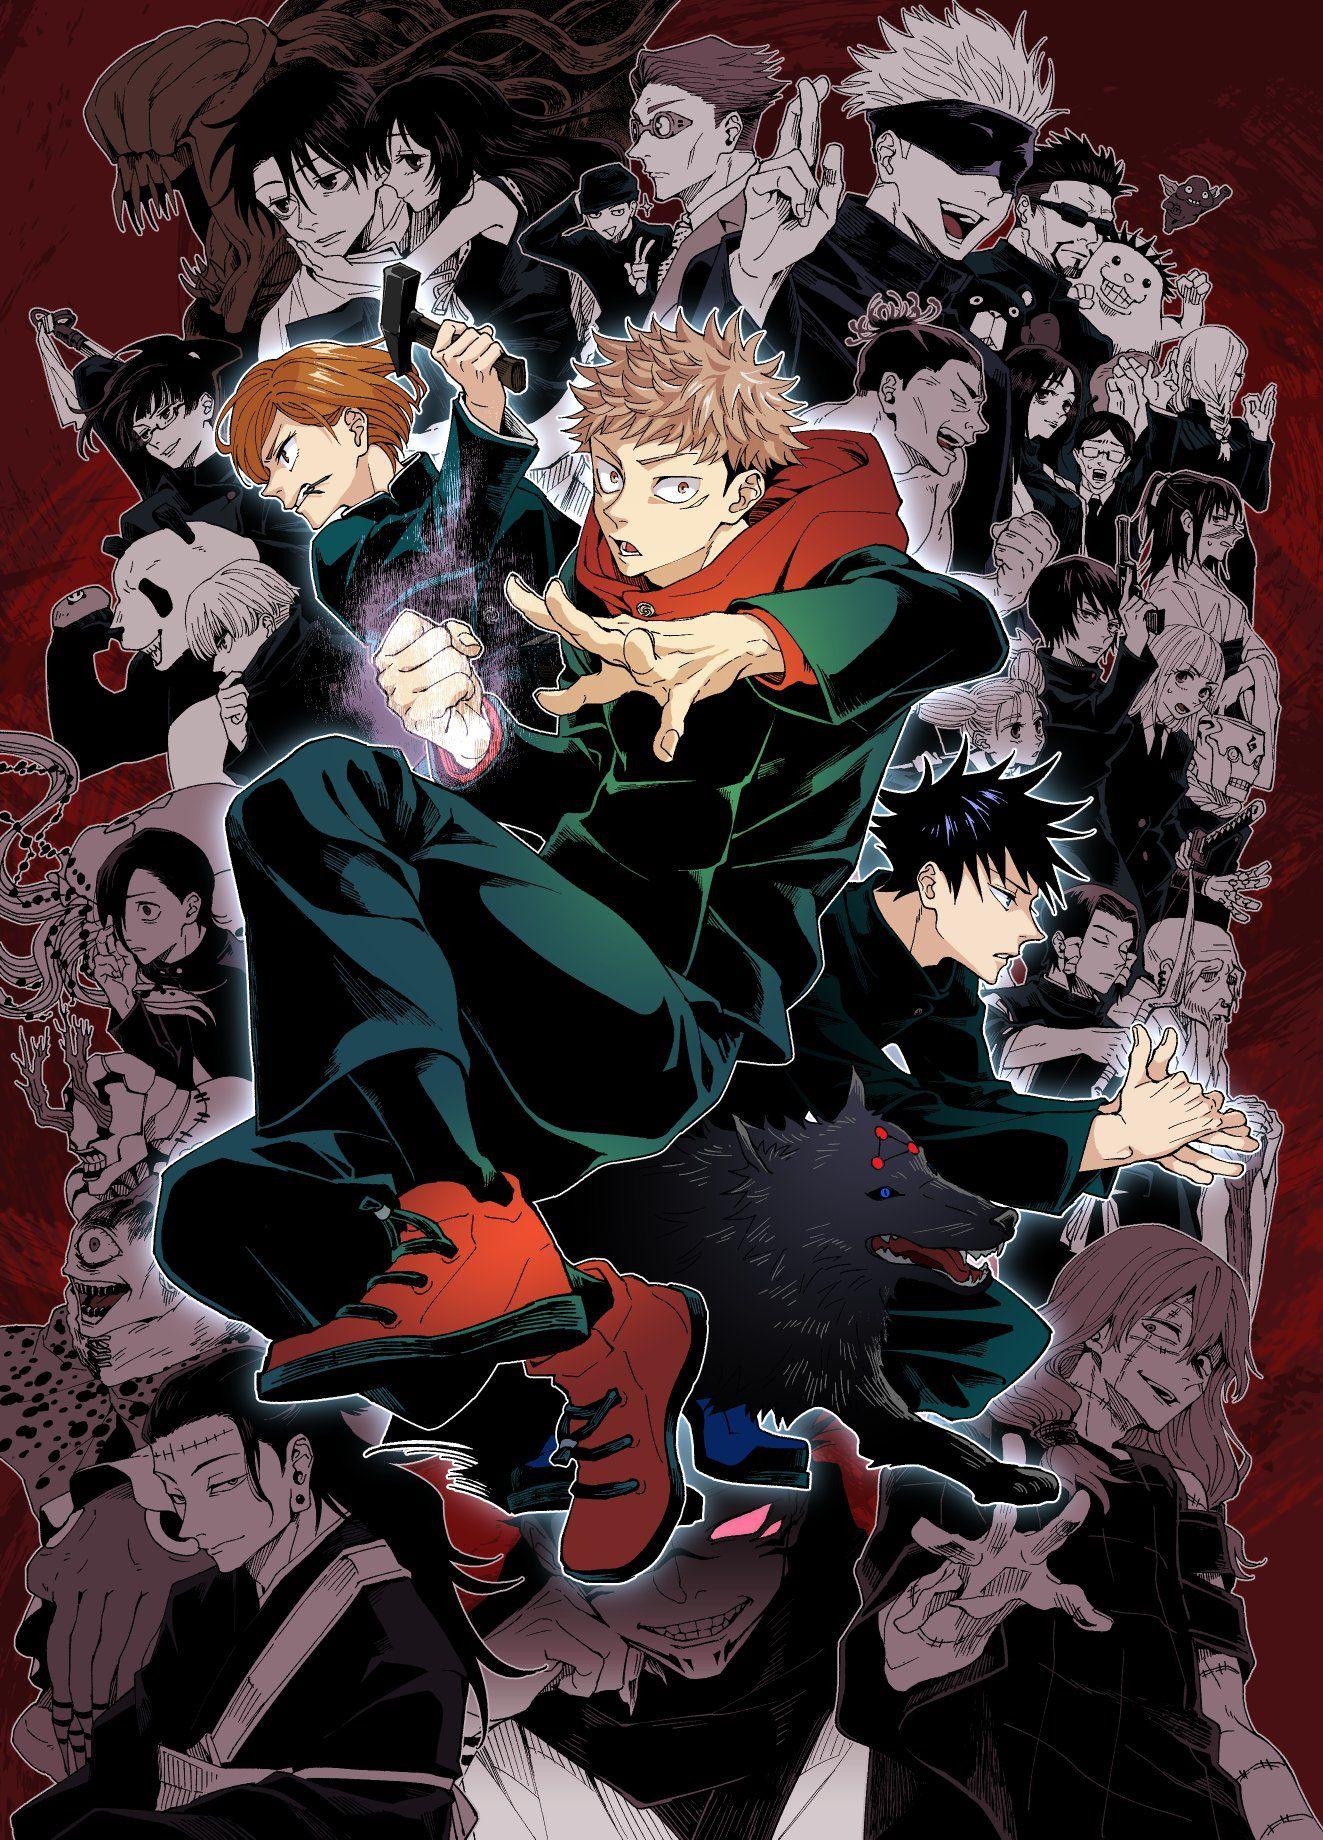 Pin By Daniel Owumi On Jujutsu Kaisen Anime Anime Art Jujutsu